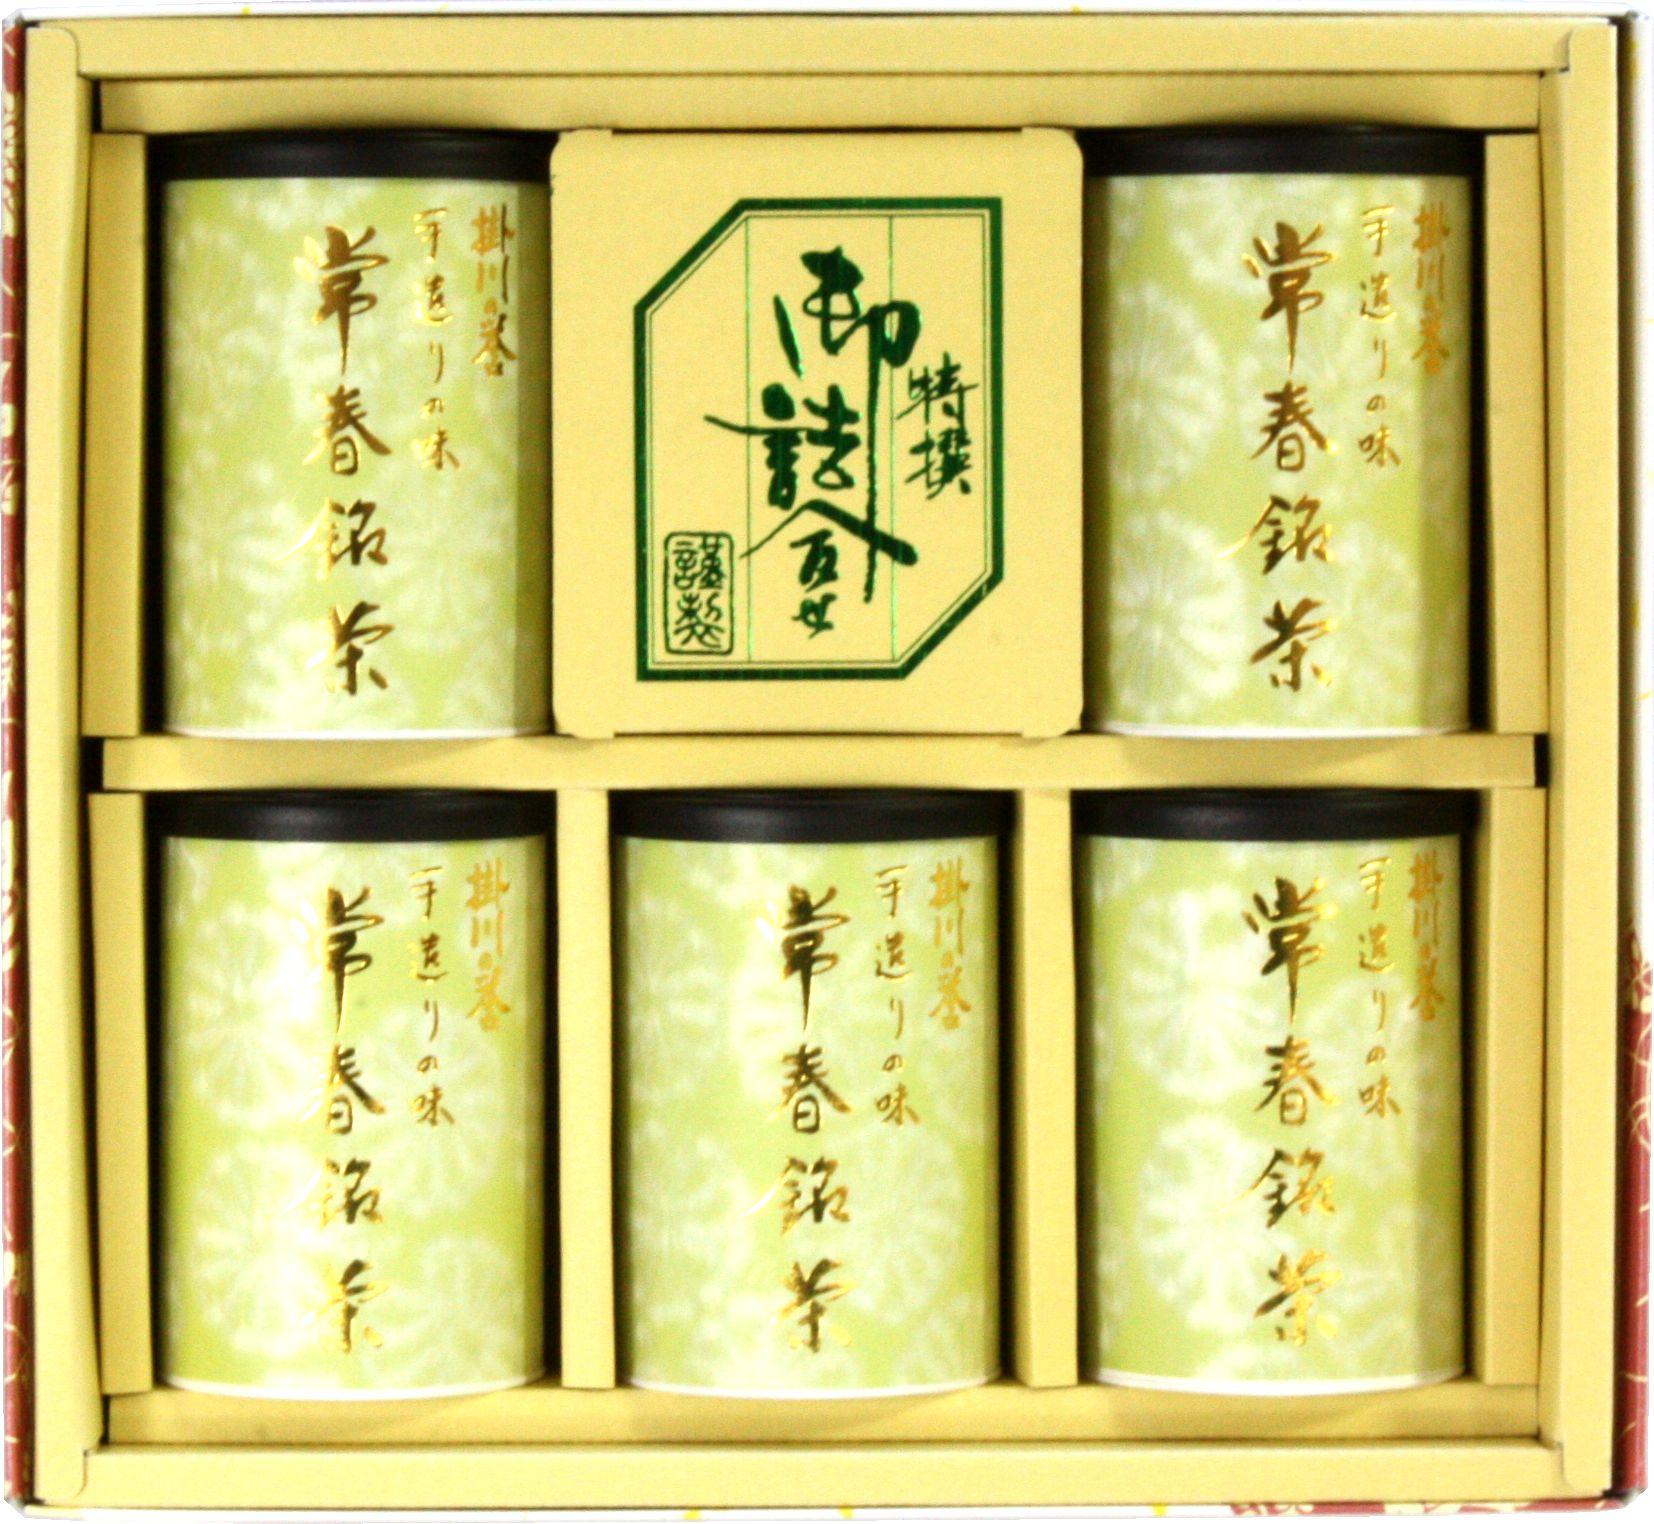 深蒸し掛川茶の掛川の誉100g5缶セット